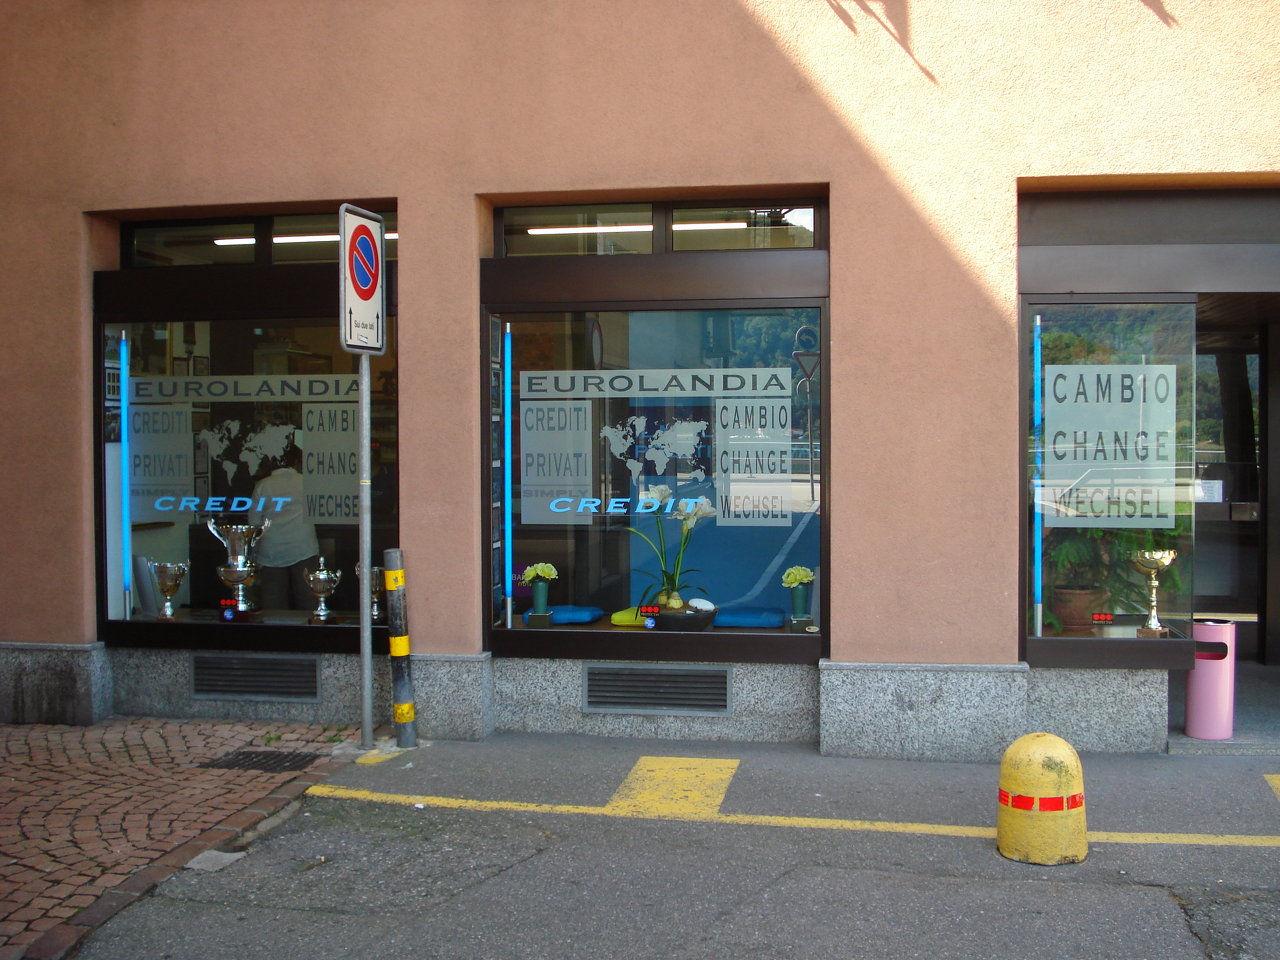 Ufficio Cambio A Lugano : Eurolandia cambio valuta prestiti personali mutui a frontalieri